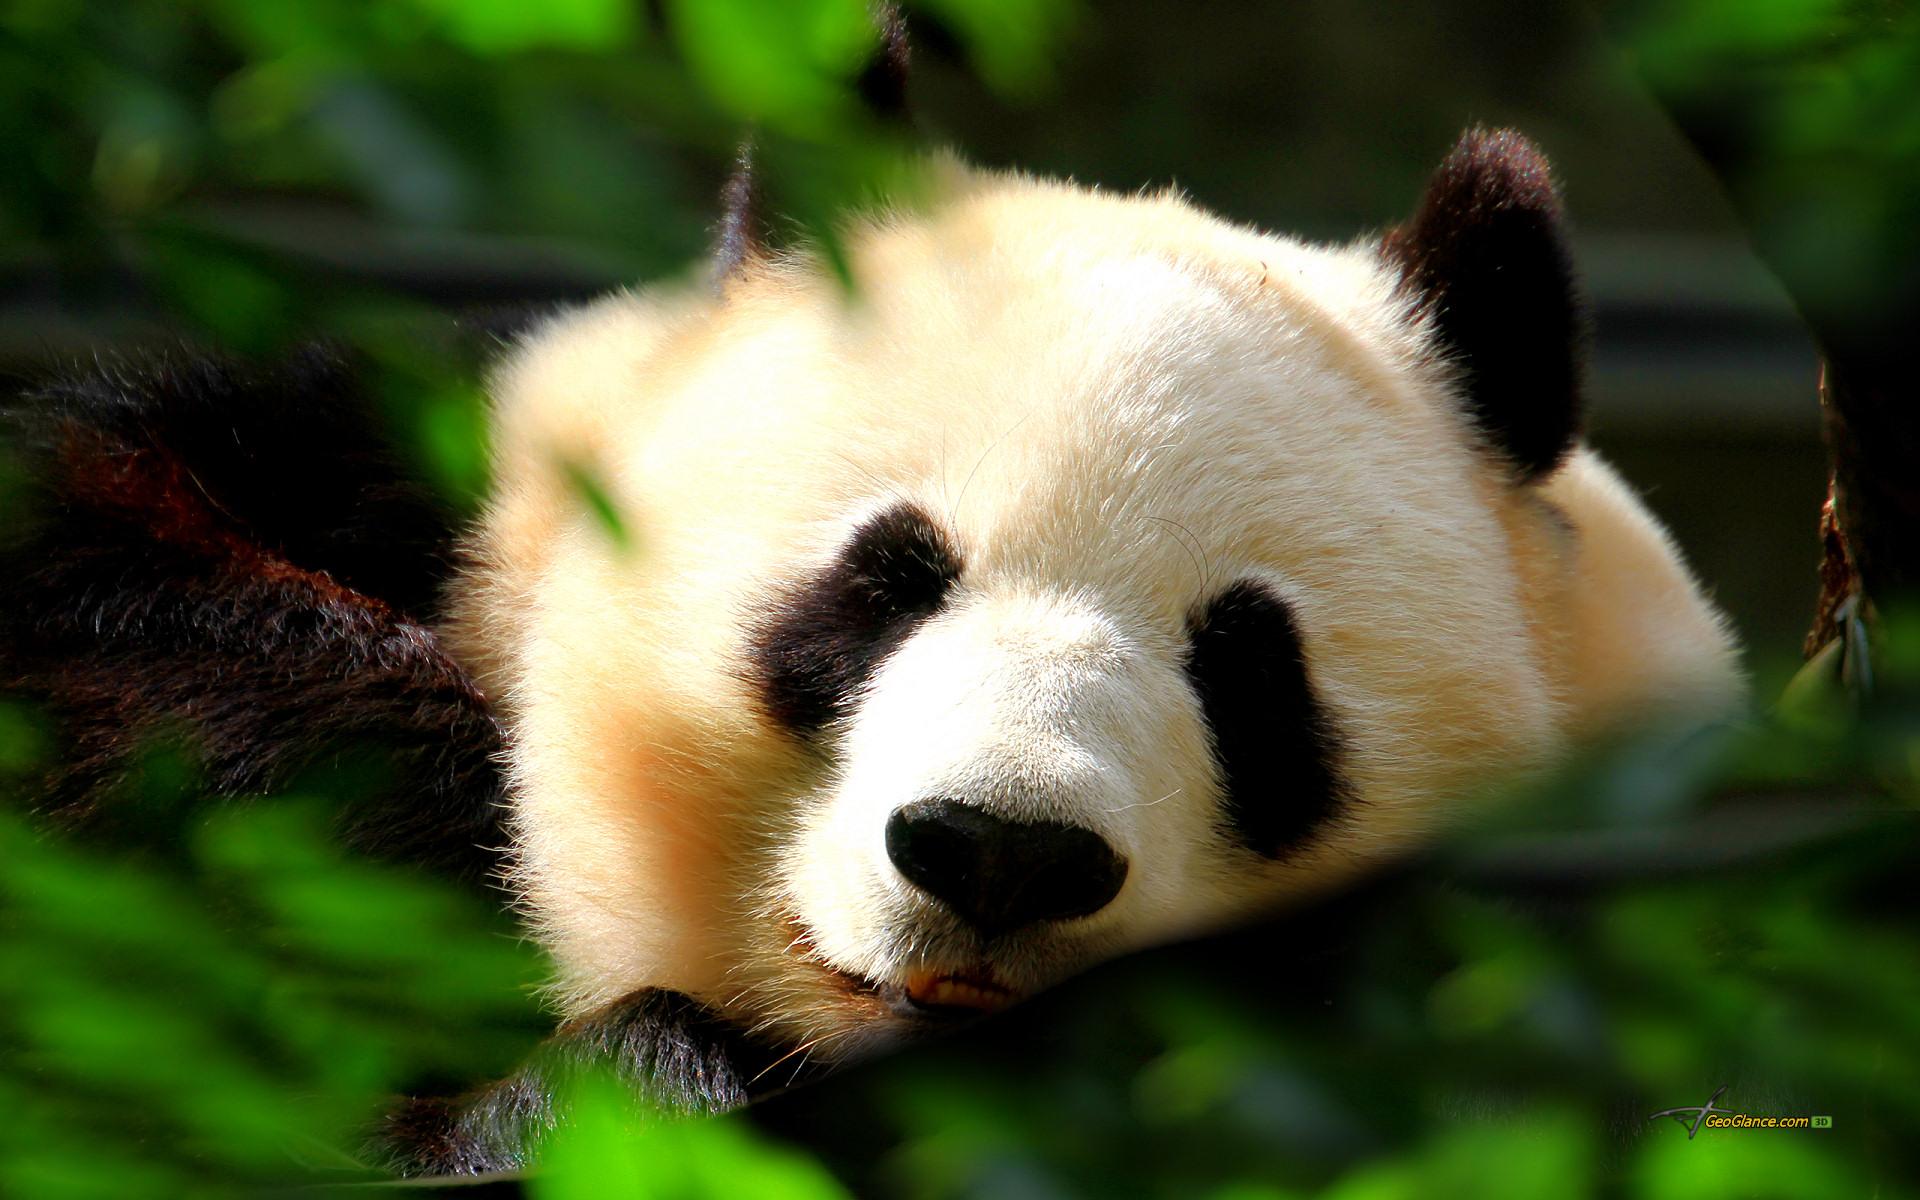 Description Cute Panda Wallpaper is a hi res Wallpaper for pc 1920x1200